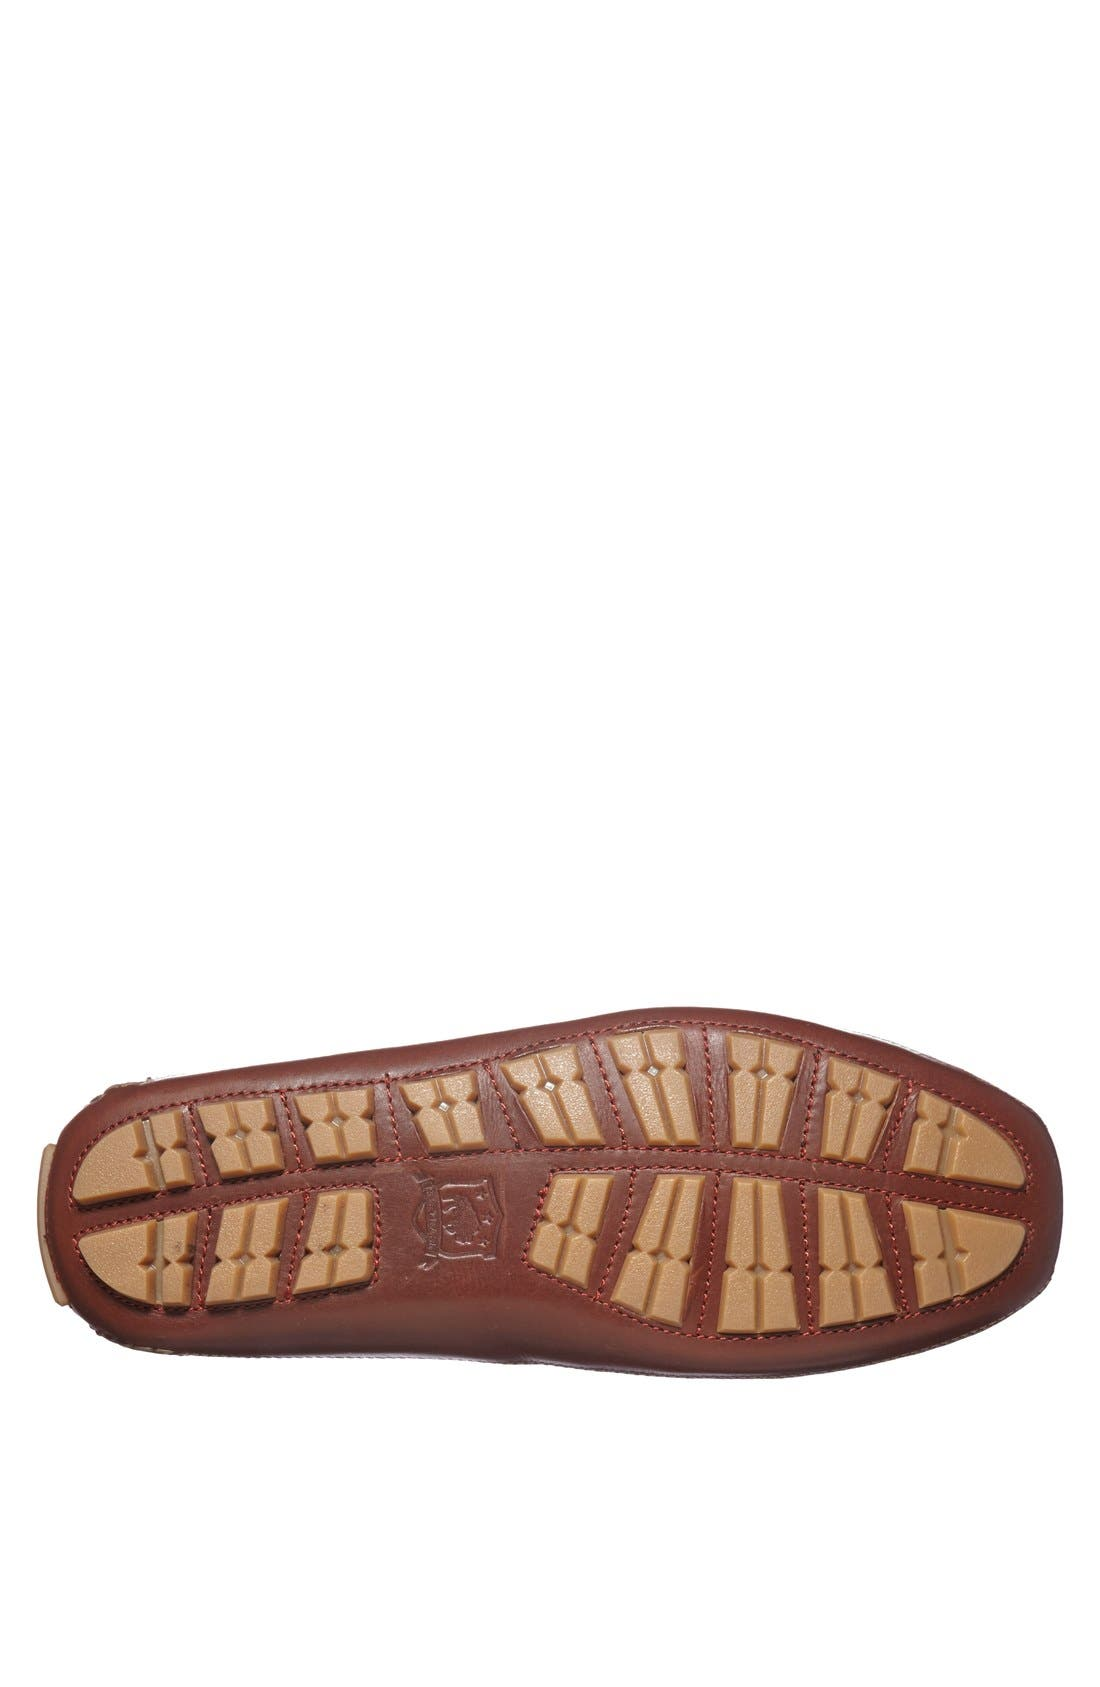 'Drake' Leather Driving Shoe,                             Alternate thumbnail 29, color,